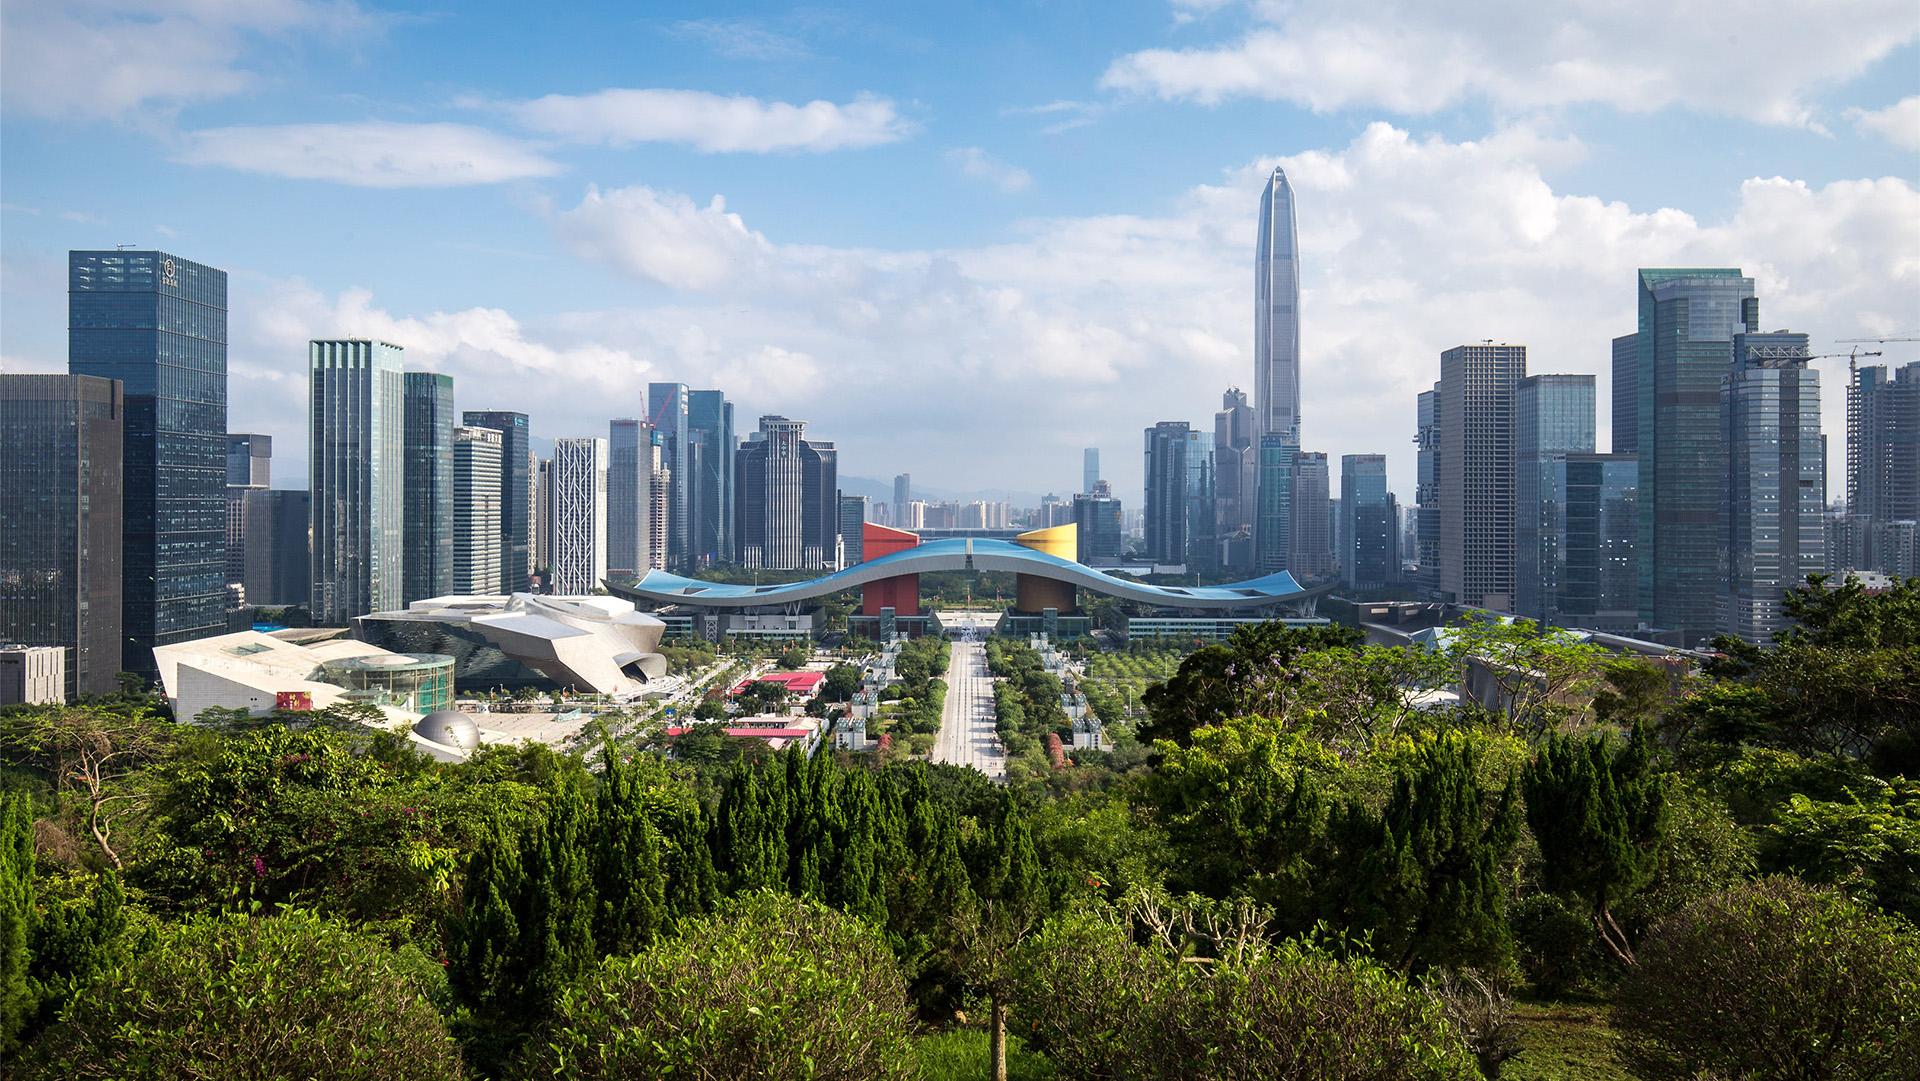 开放不止步:建设全球标杆城市